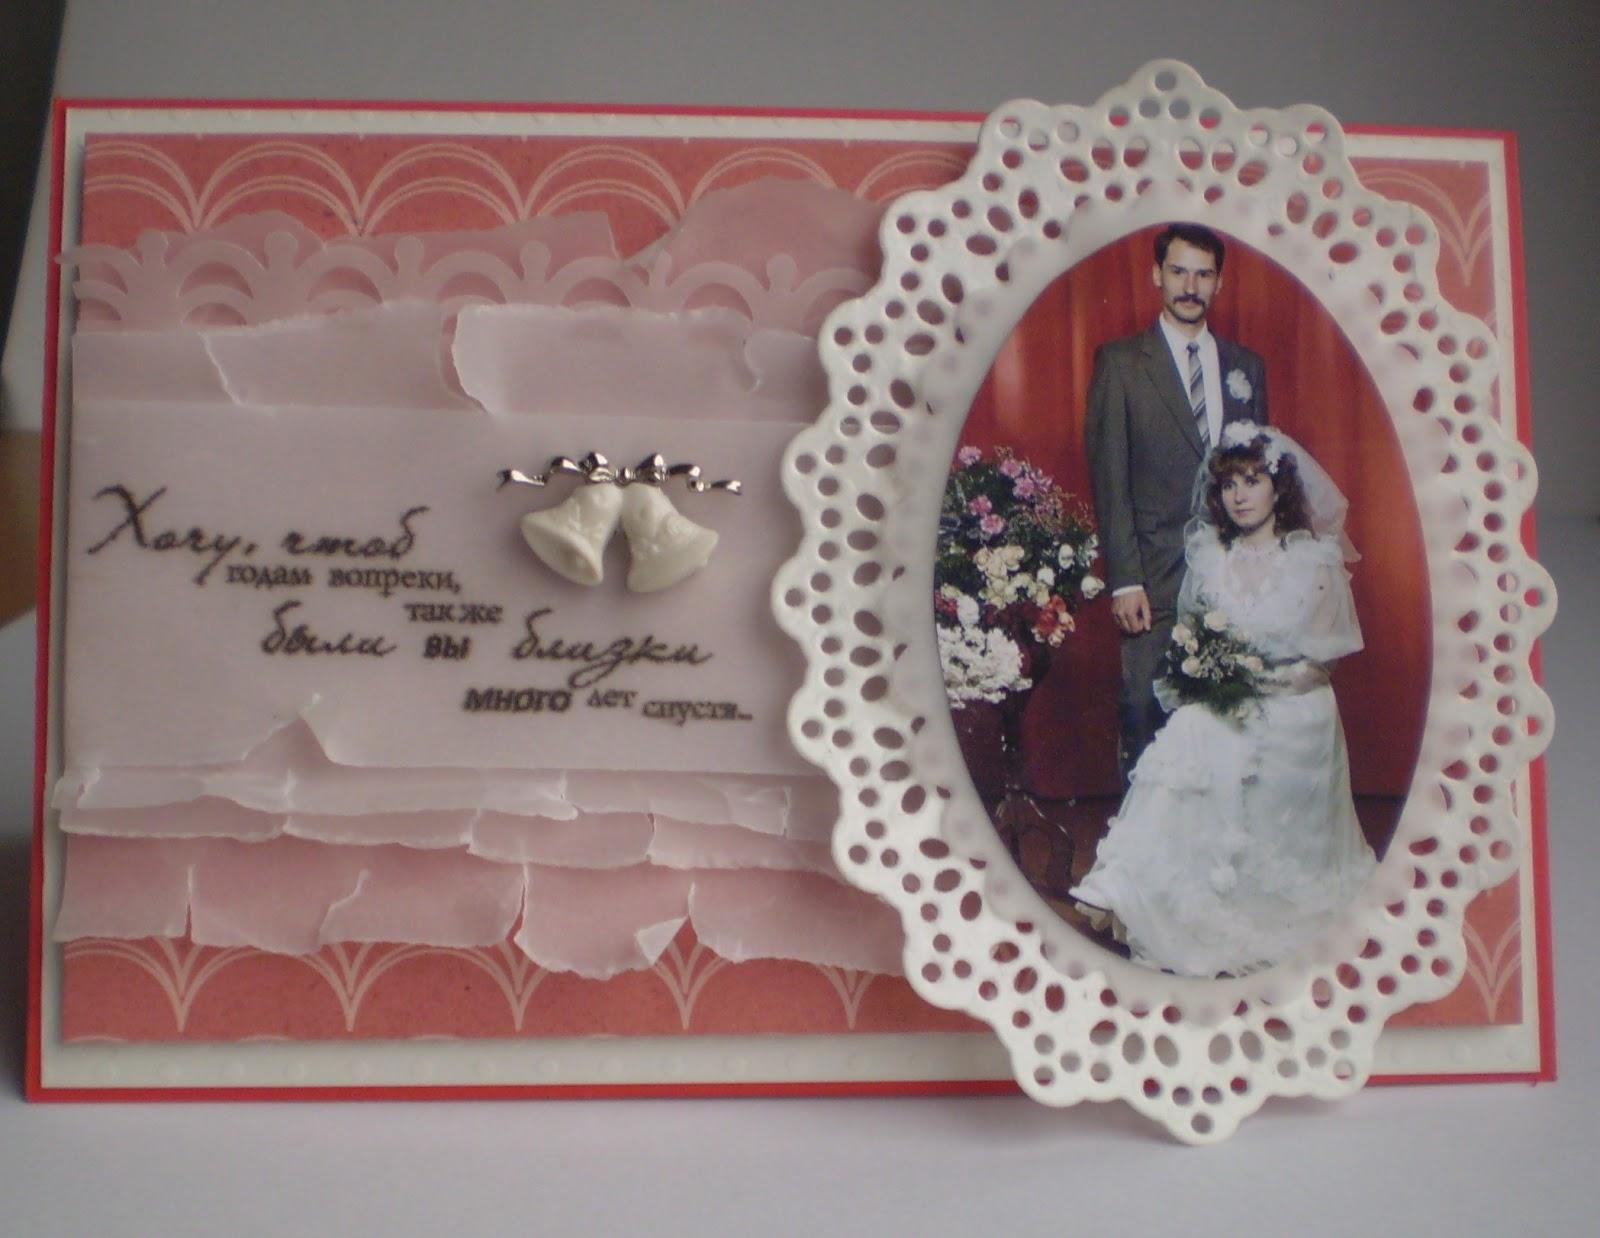 Фото 20 летием свадьбы